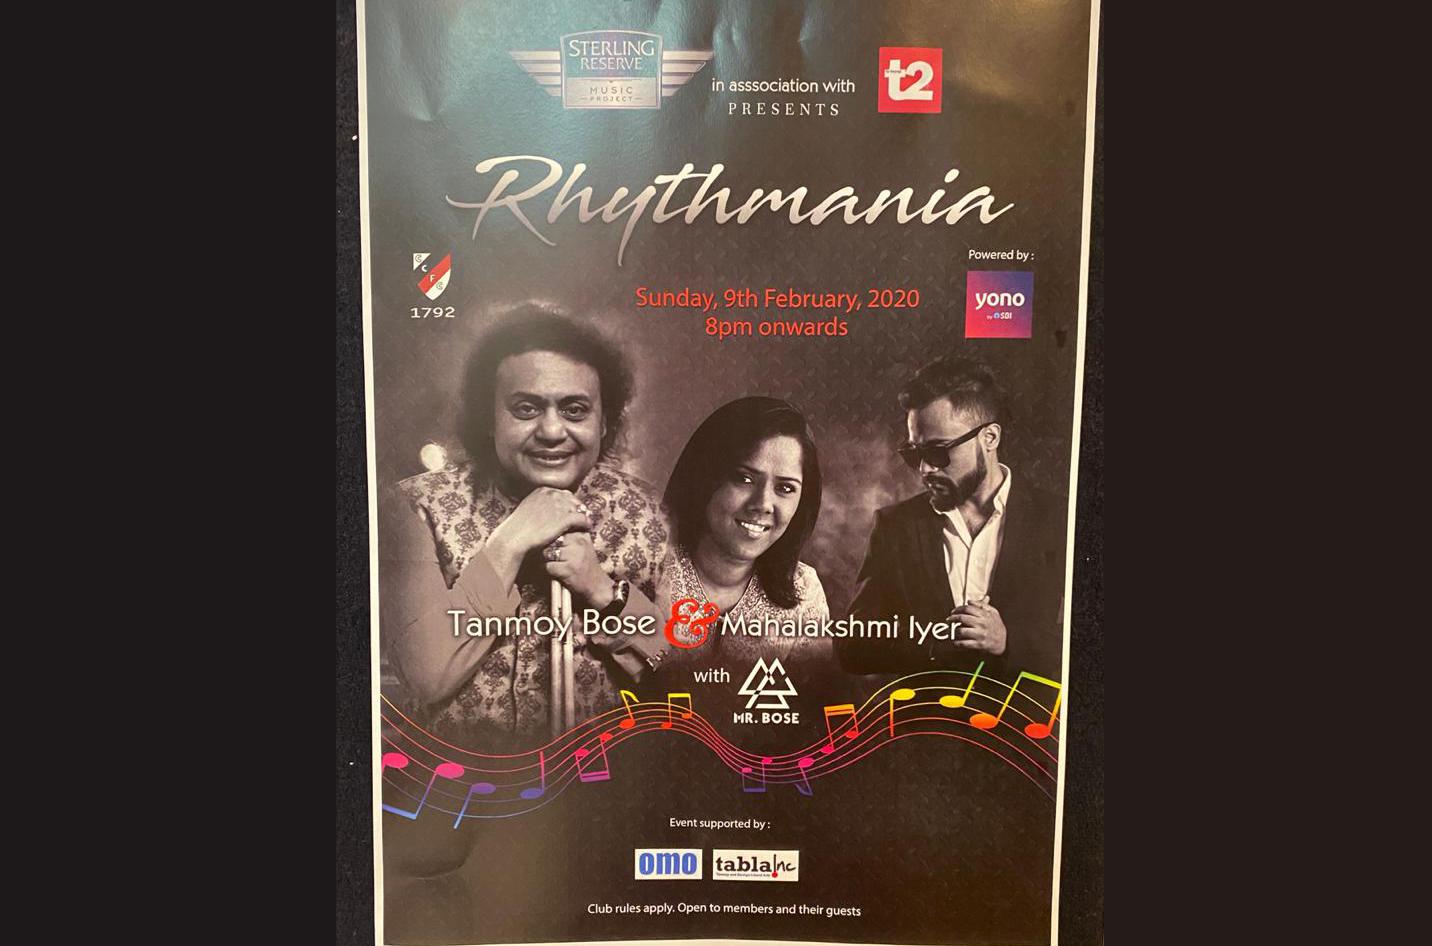 Celebrating Rhythmania at CC & FC